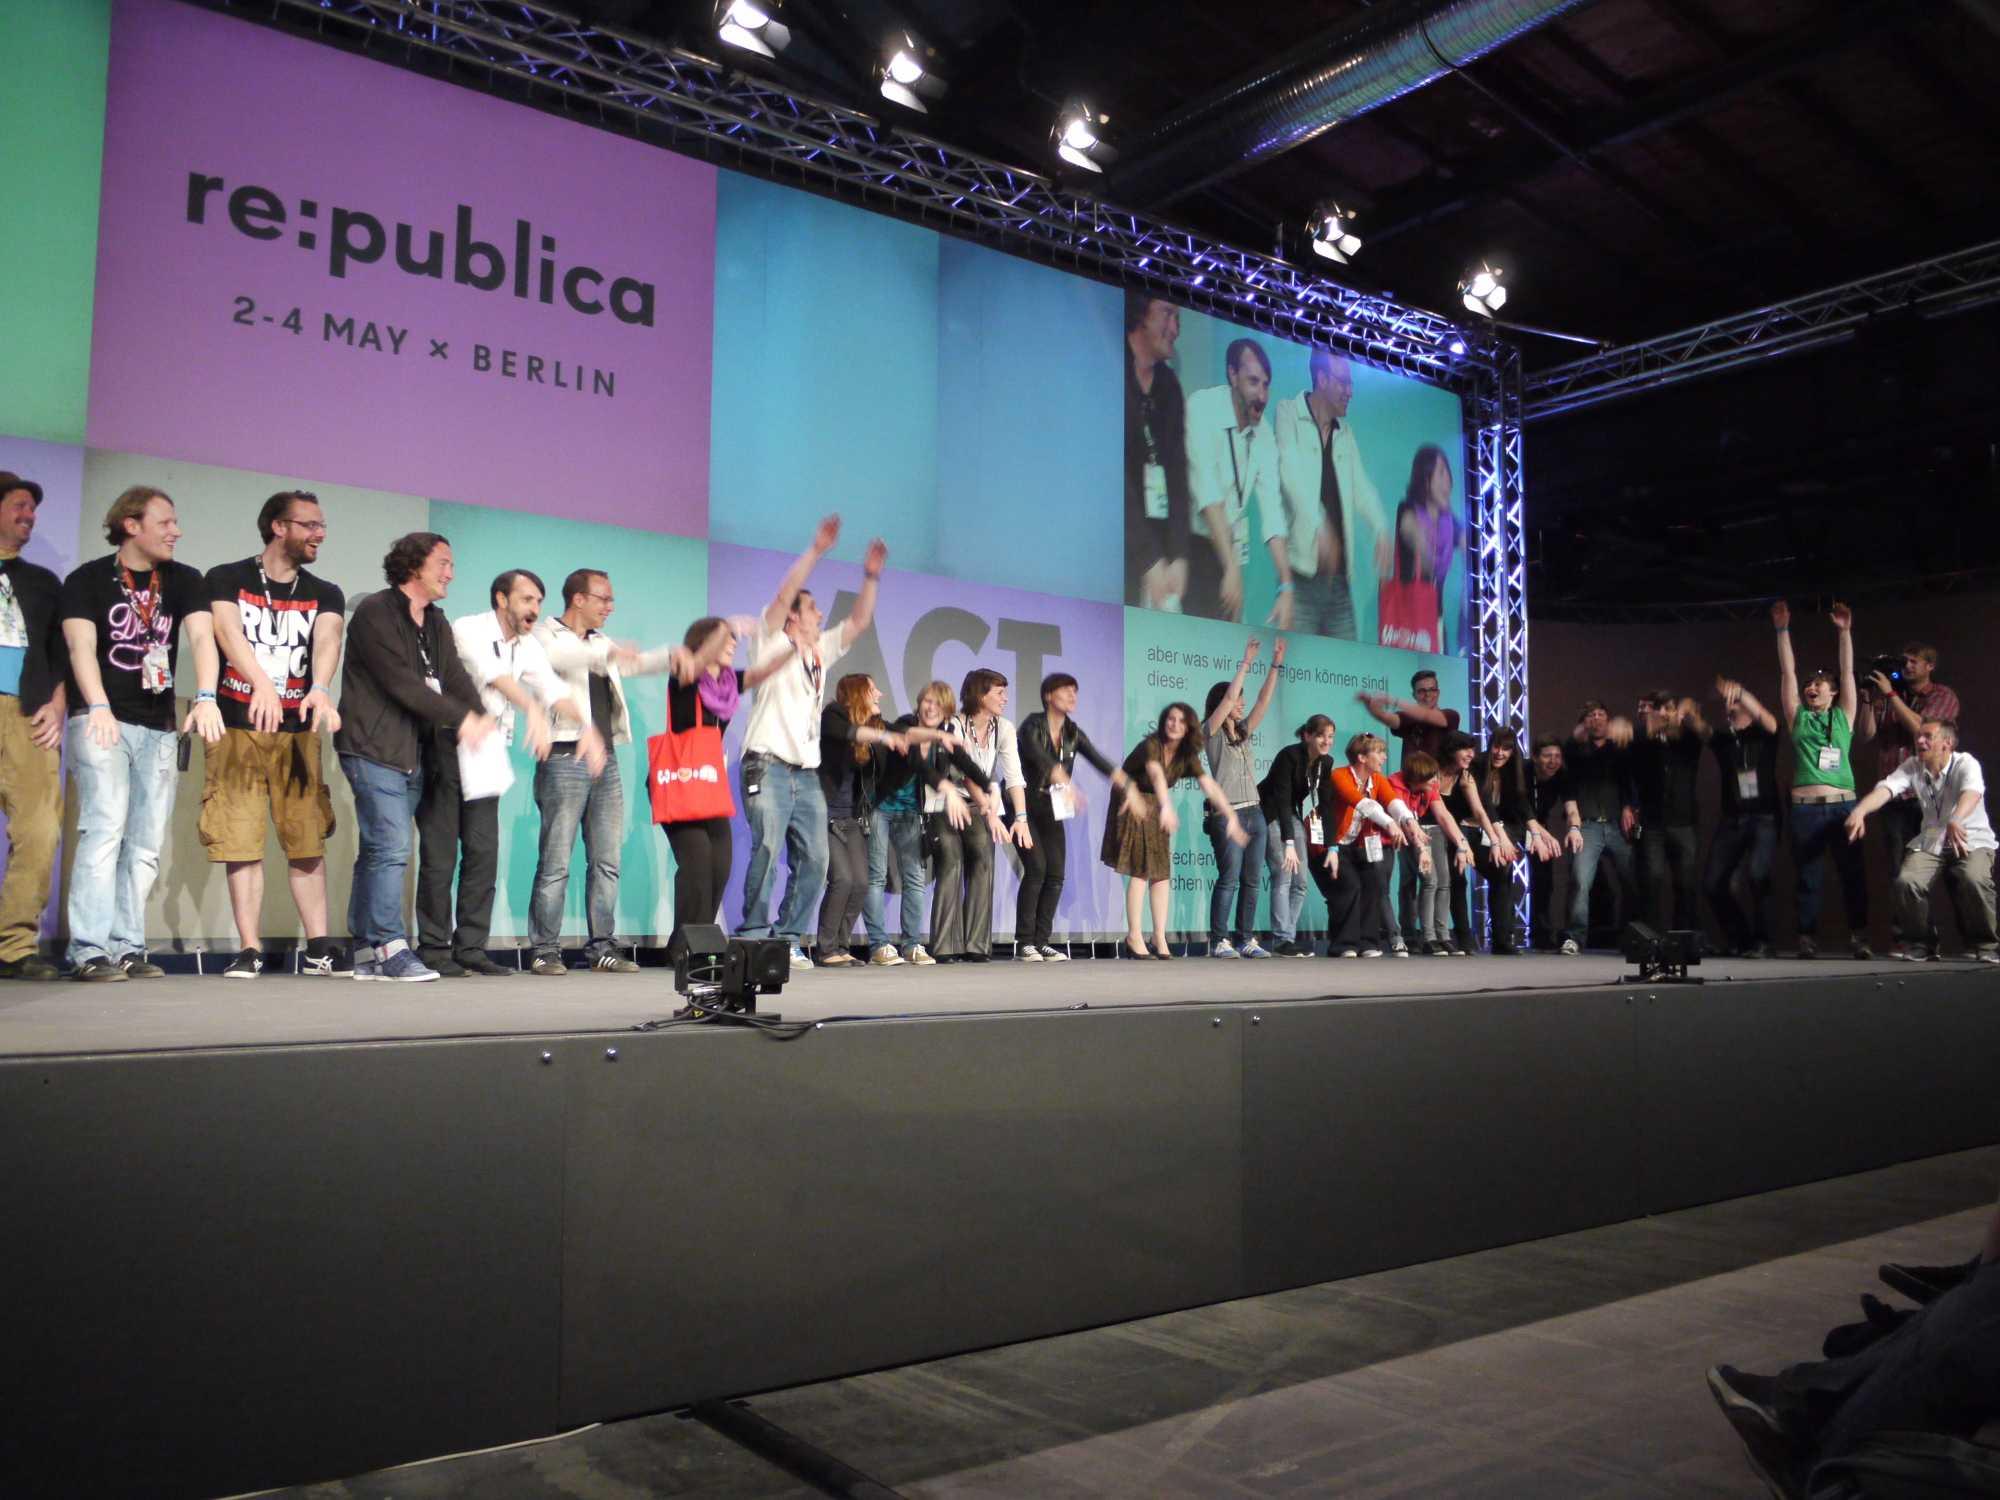 Dreht die Welt sich um das Netz, das Netz um die Welt? Oder gar die Netzwelt doch nur um sich selbst? Zum Abschluss feierten Veranstalter und Vortragende eine erfolgreiche Veranstaltung.